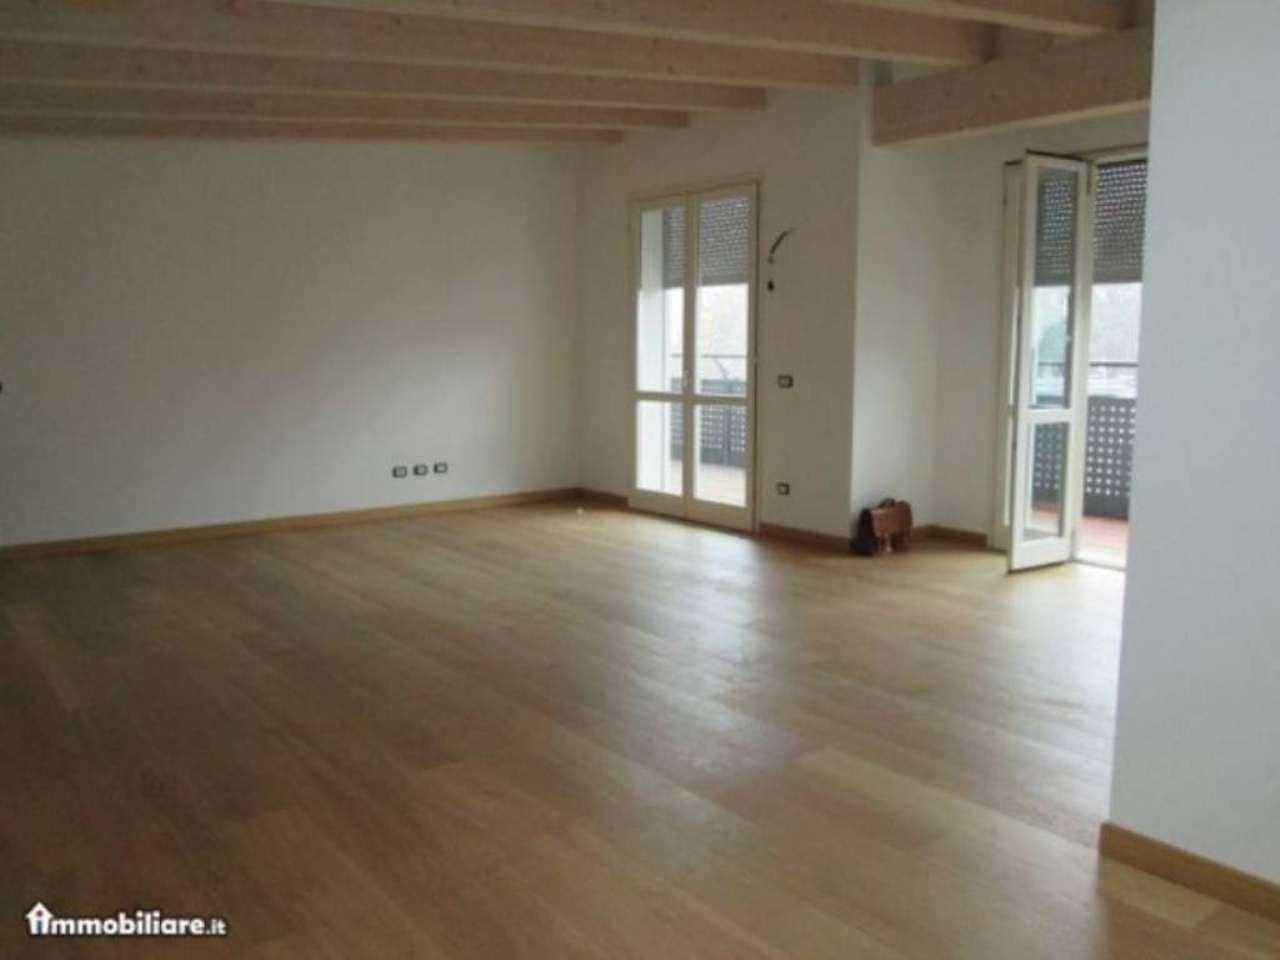 Attico / Mansarda in vendita a Cesano Maderno, 4 locali, prezzo € 295.000 | Cambio Casa.it